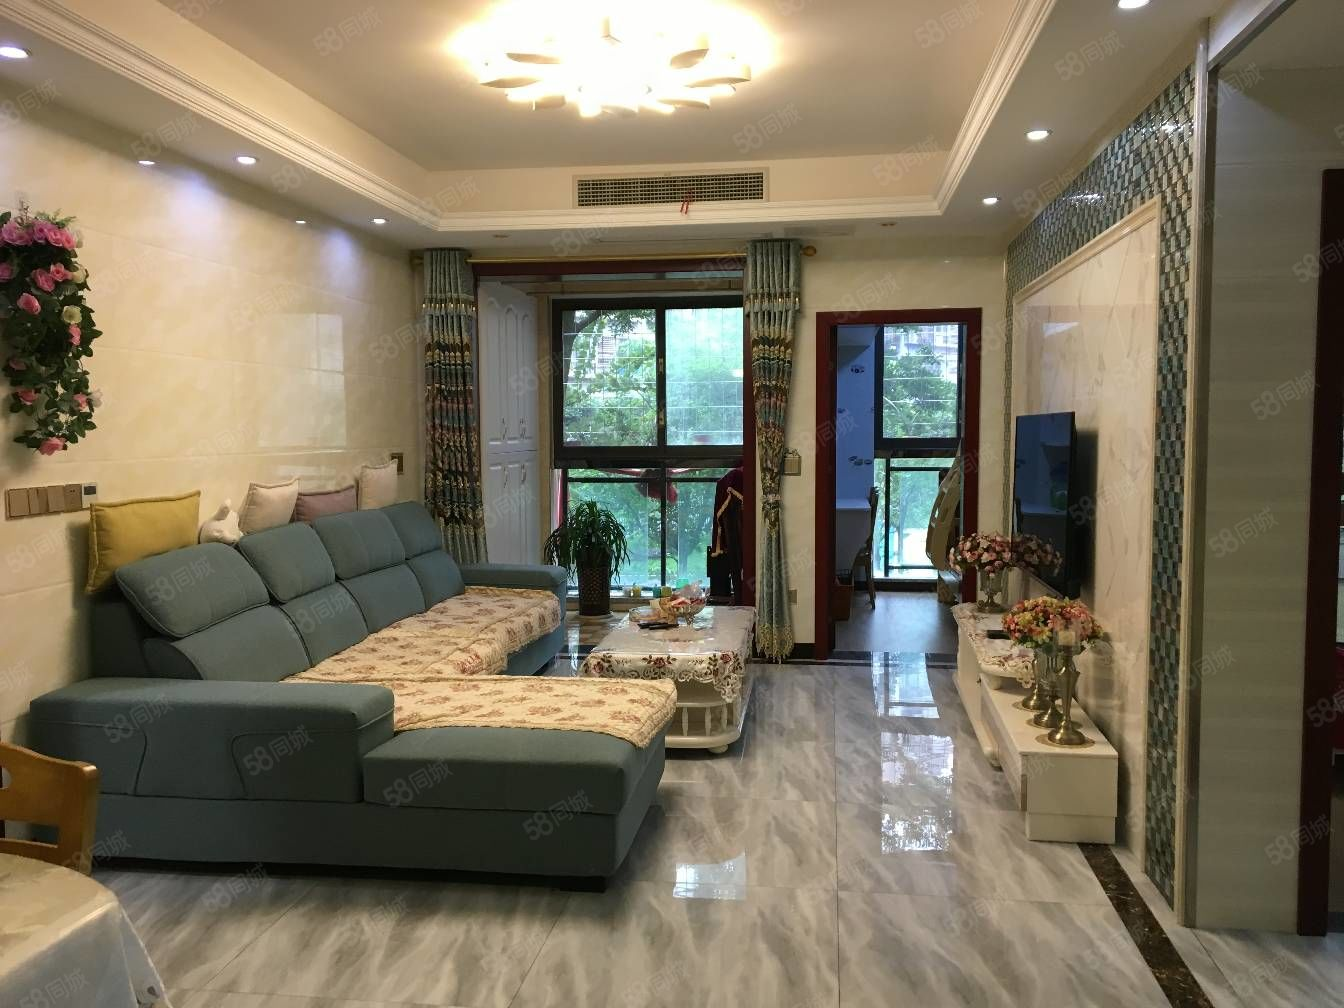 萬達附近,商圈中心位置,龍邁精裝三房出租,家具家電齊全